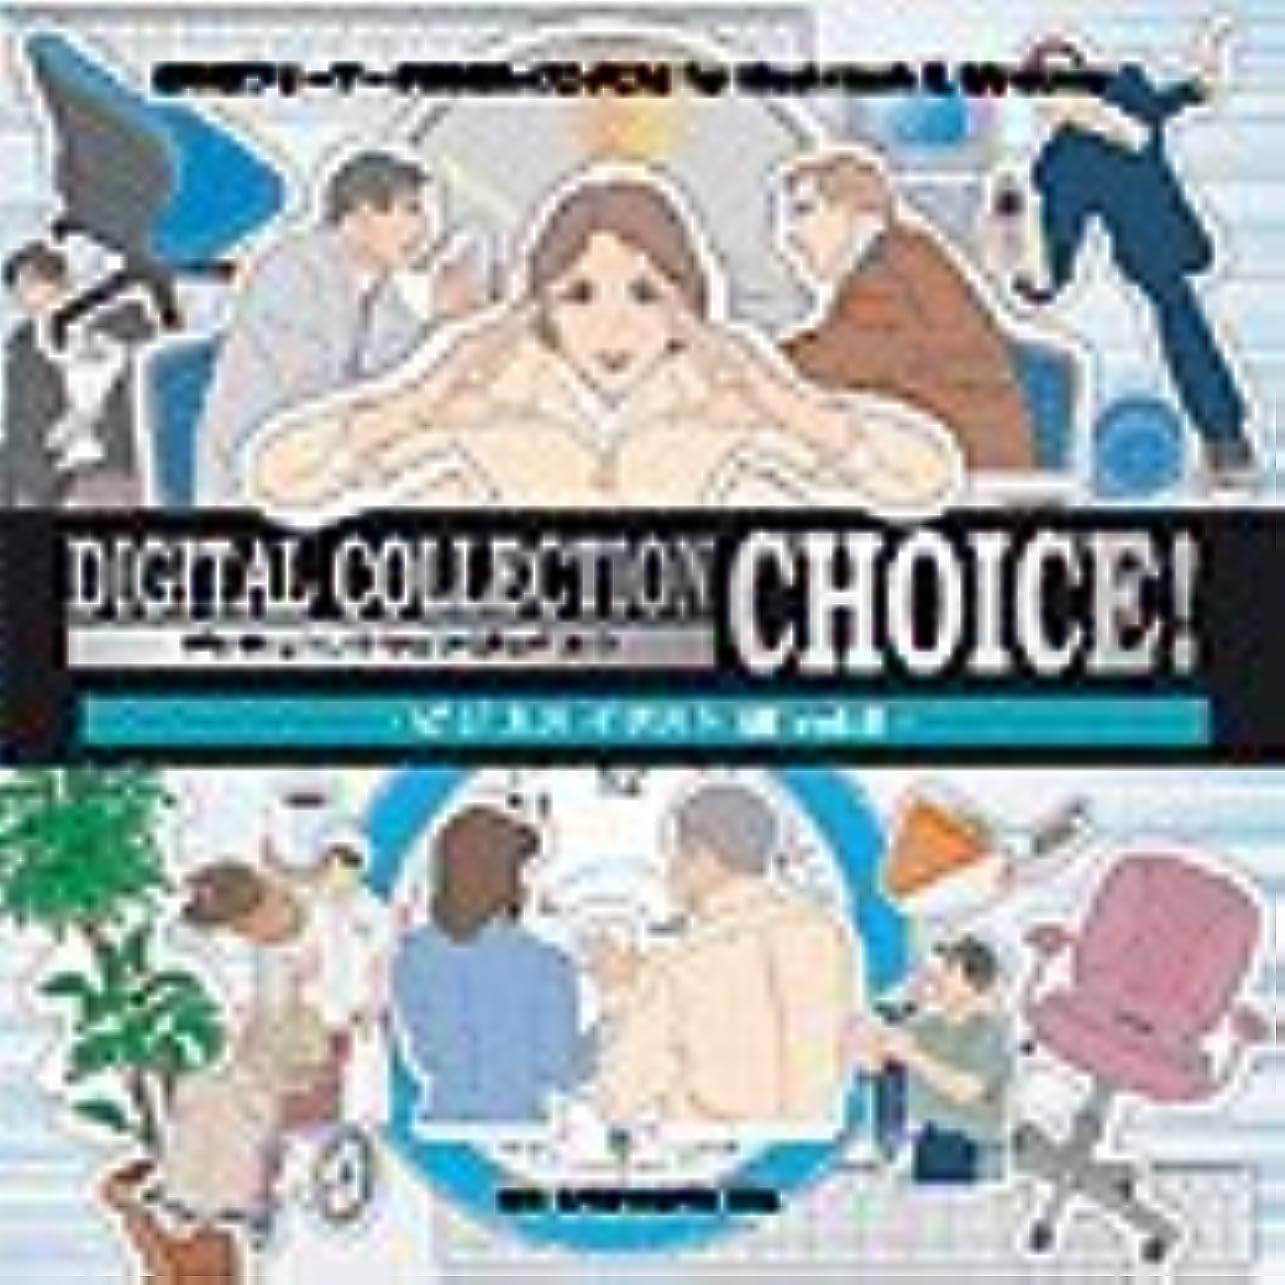 思想優遇ルーチンDigital Collection Choice! ビジネスイラスト編 Vol.2